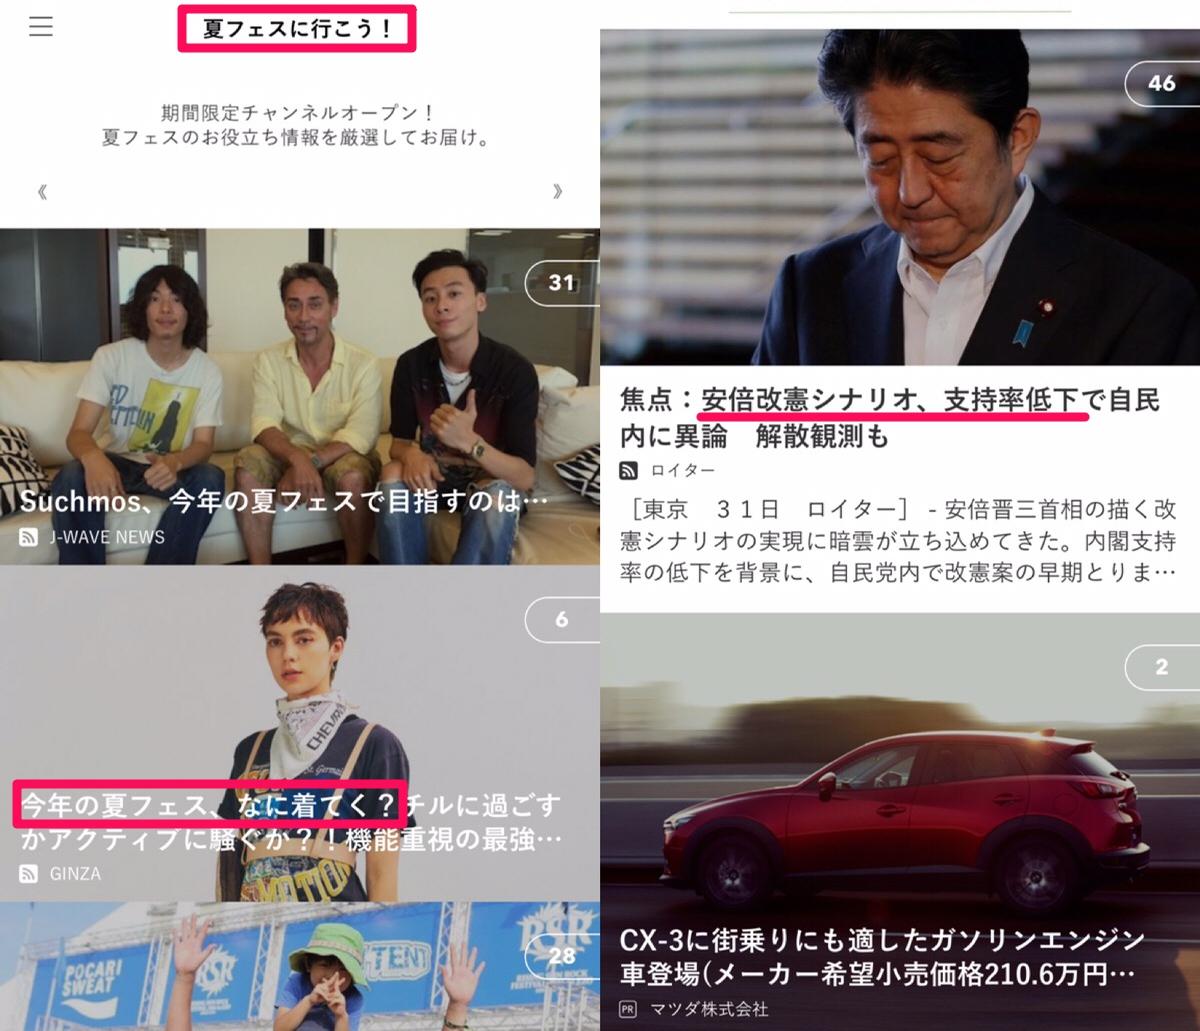 時事ネタや夏フェス情報もGET【antenna(アンテナ)】